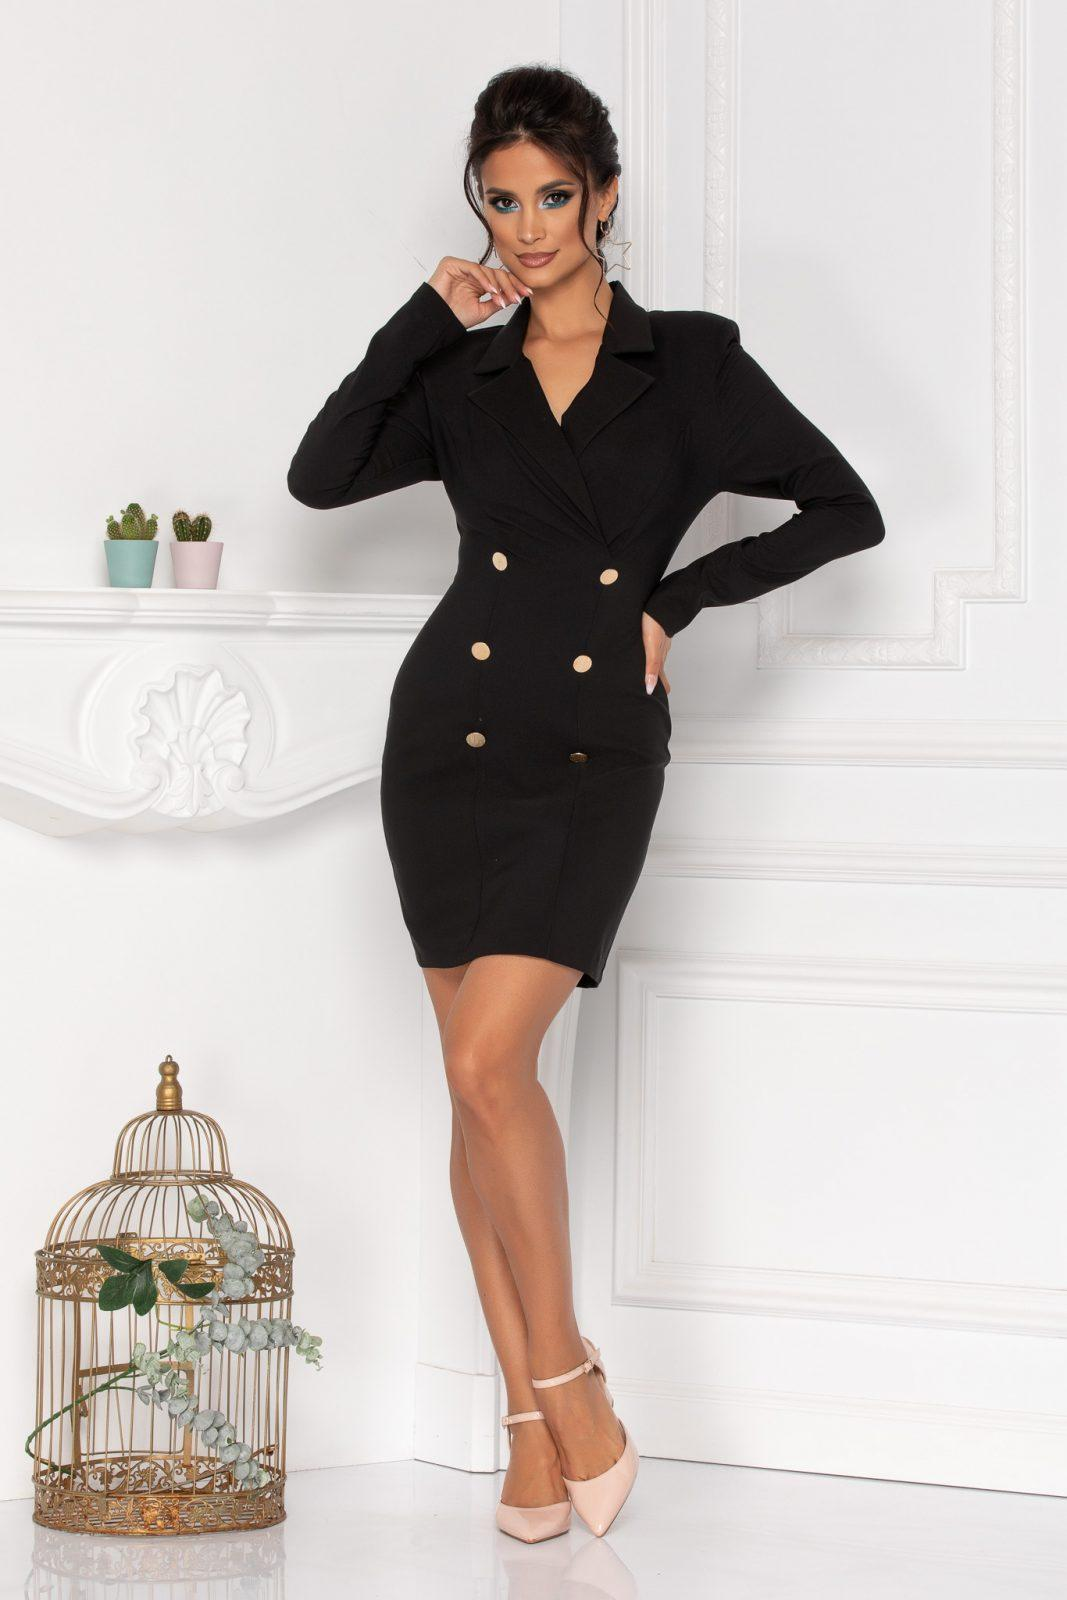 Μακρυμάνικο Μαύρο Φόρεμα Με Κουμπιά Klara 8451